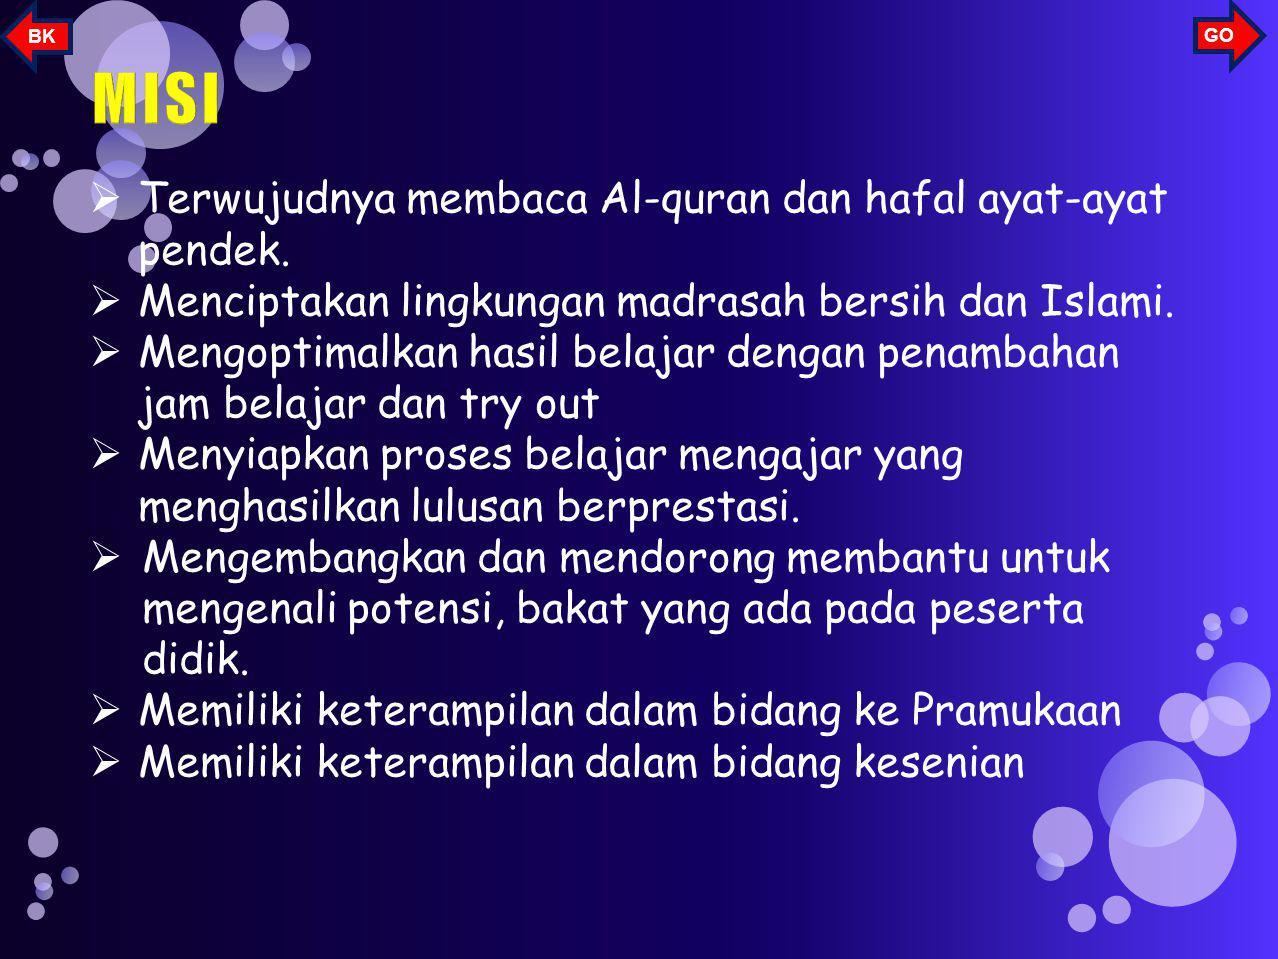 MISI Terwujudnya membaca Al-quran dan hafal ayat-ayat pendek.